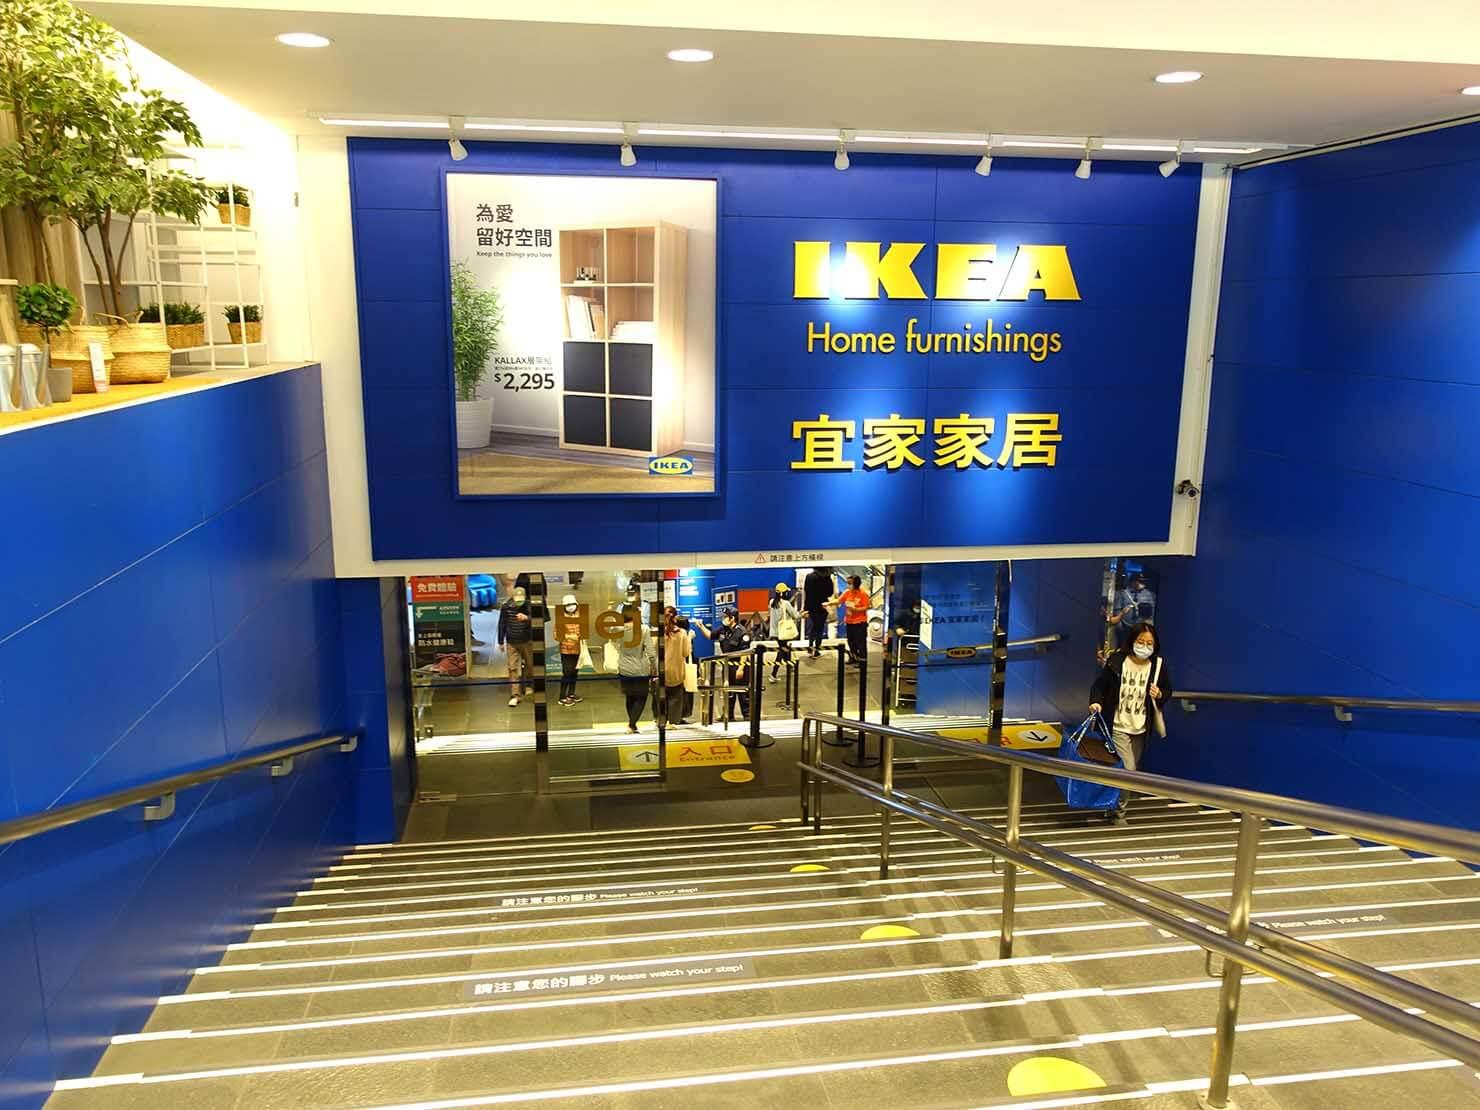 台北で家具&インテリアを揃えたい時のおすすめ店「宜家家居 IKEA」